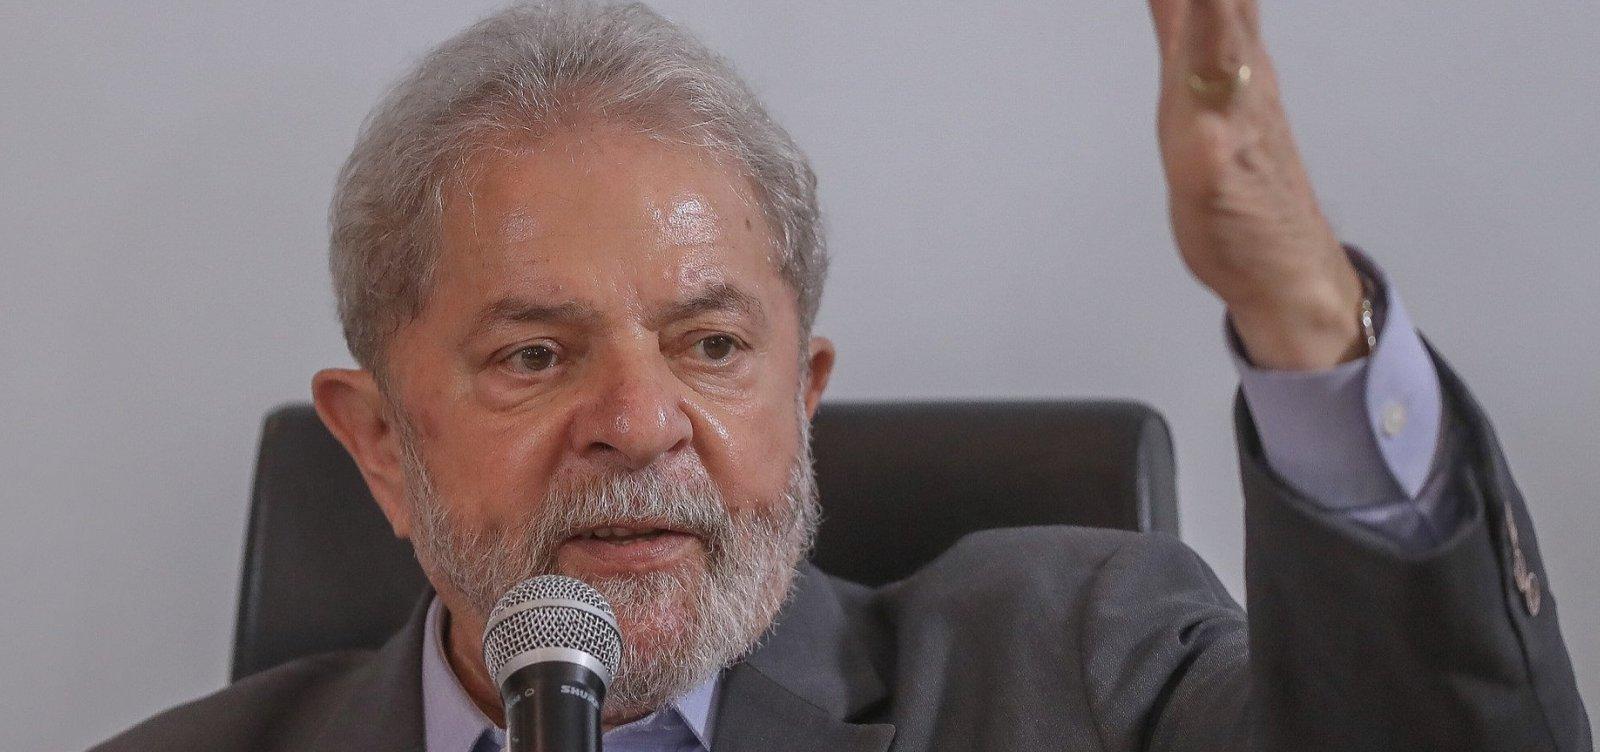 [Relator vota pela redução da pena de Lula no caso do triplex]